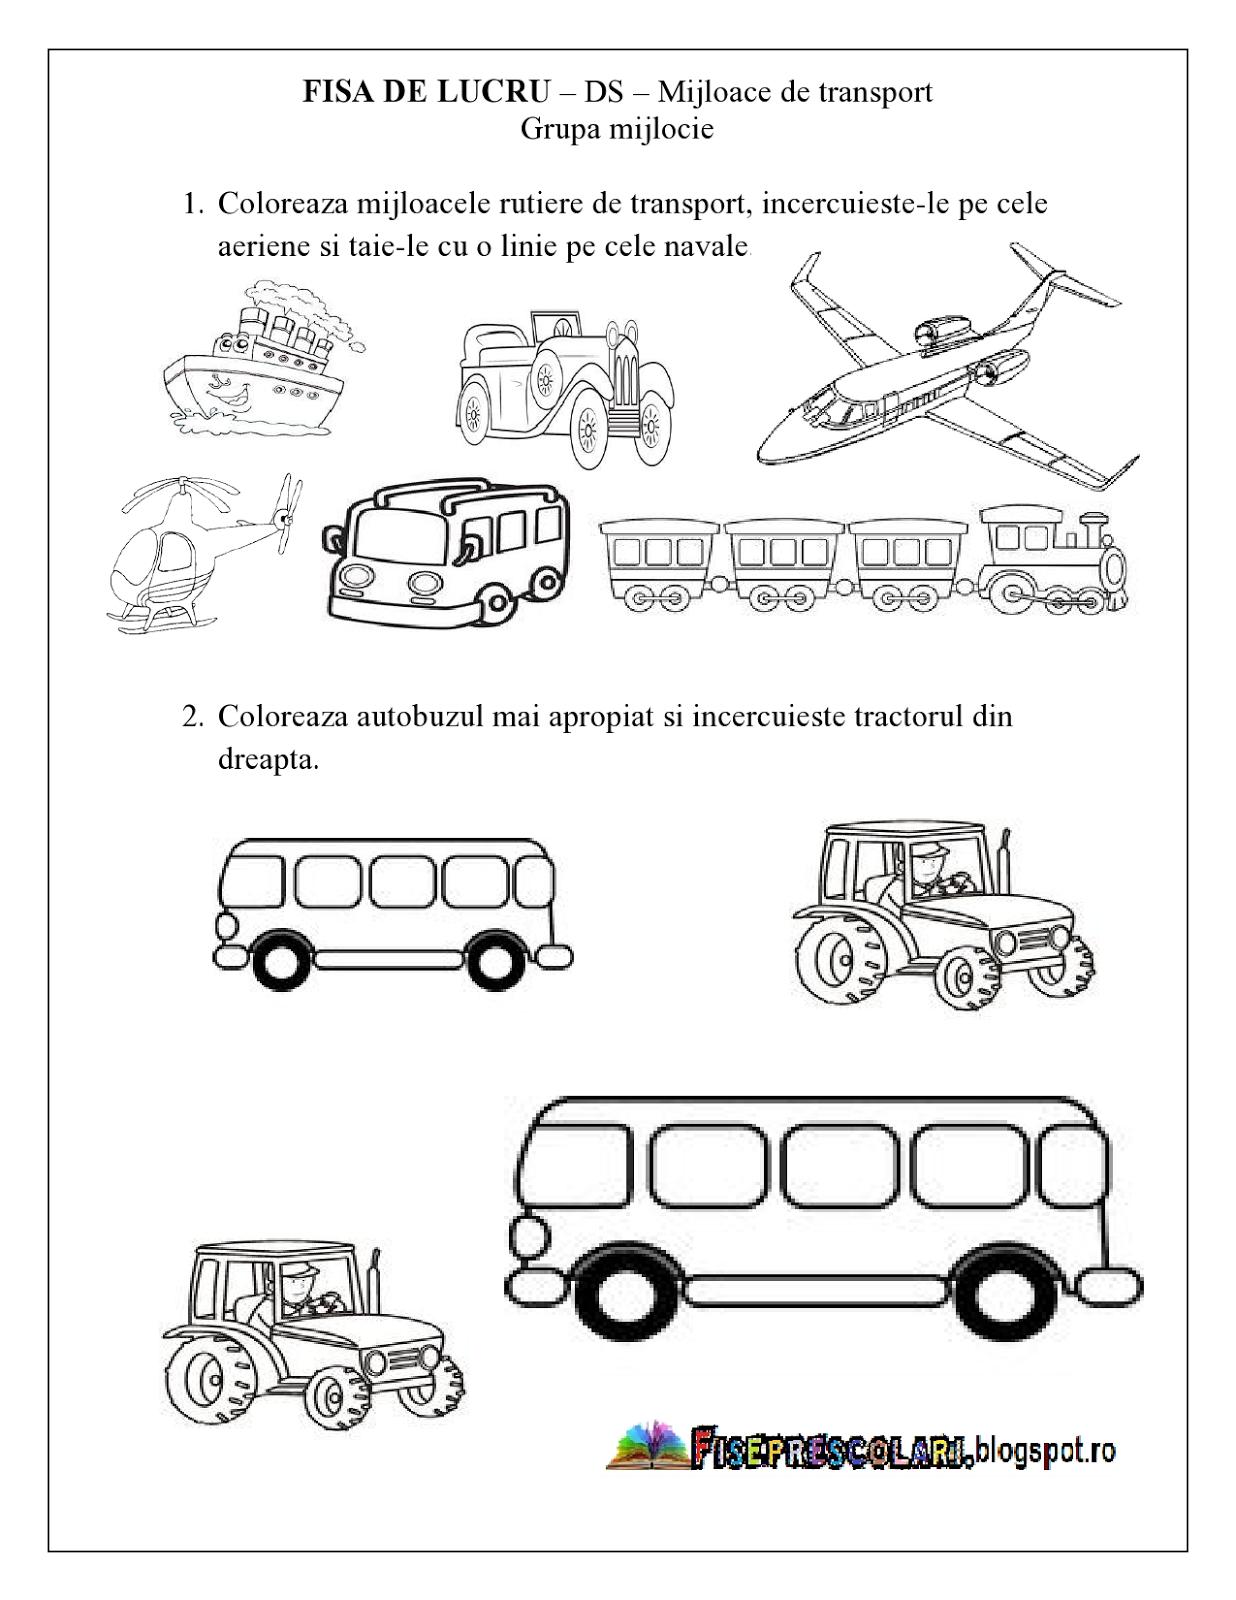 FISE de lucru cu Mijloace de Transport - Grupa mijlocie - DS ...